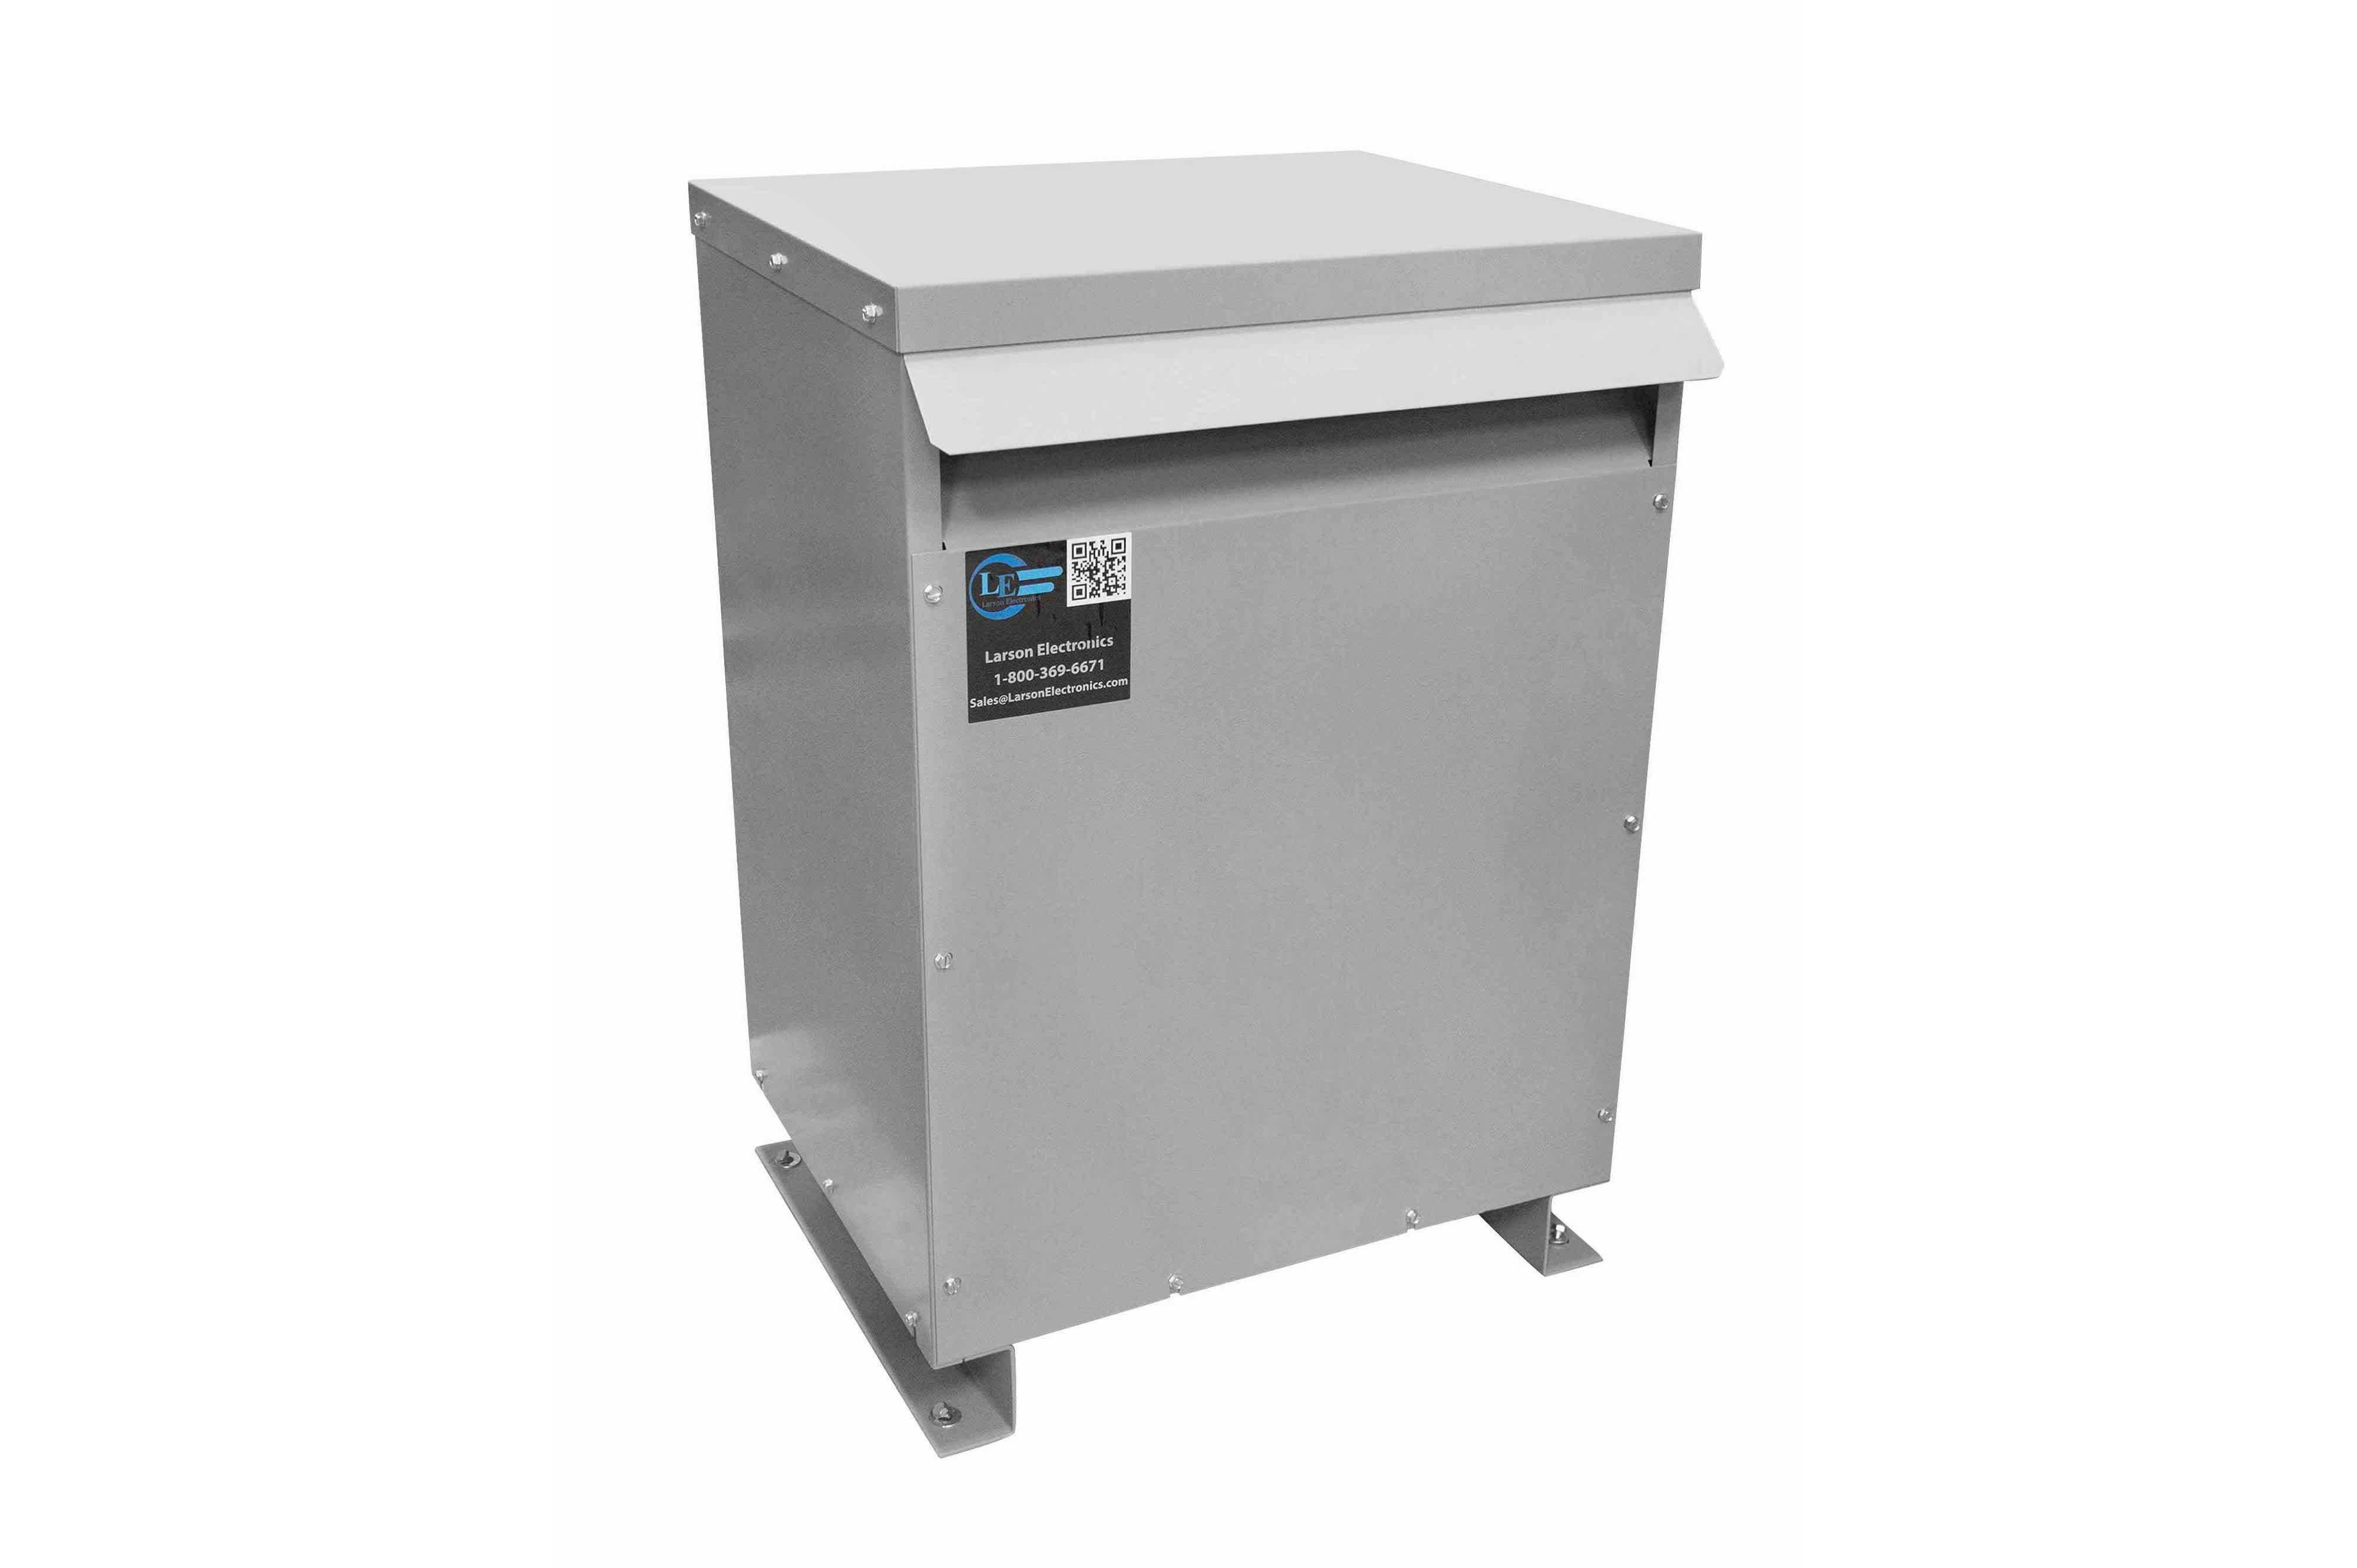 275 kVA 3PH Isolation Transformer, 400V Delta Primary, 240 Delta Secondary, N3R, Ventilated, 60 Hz